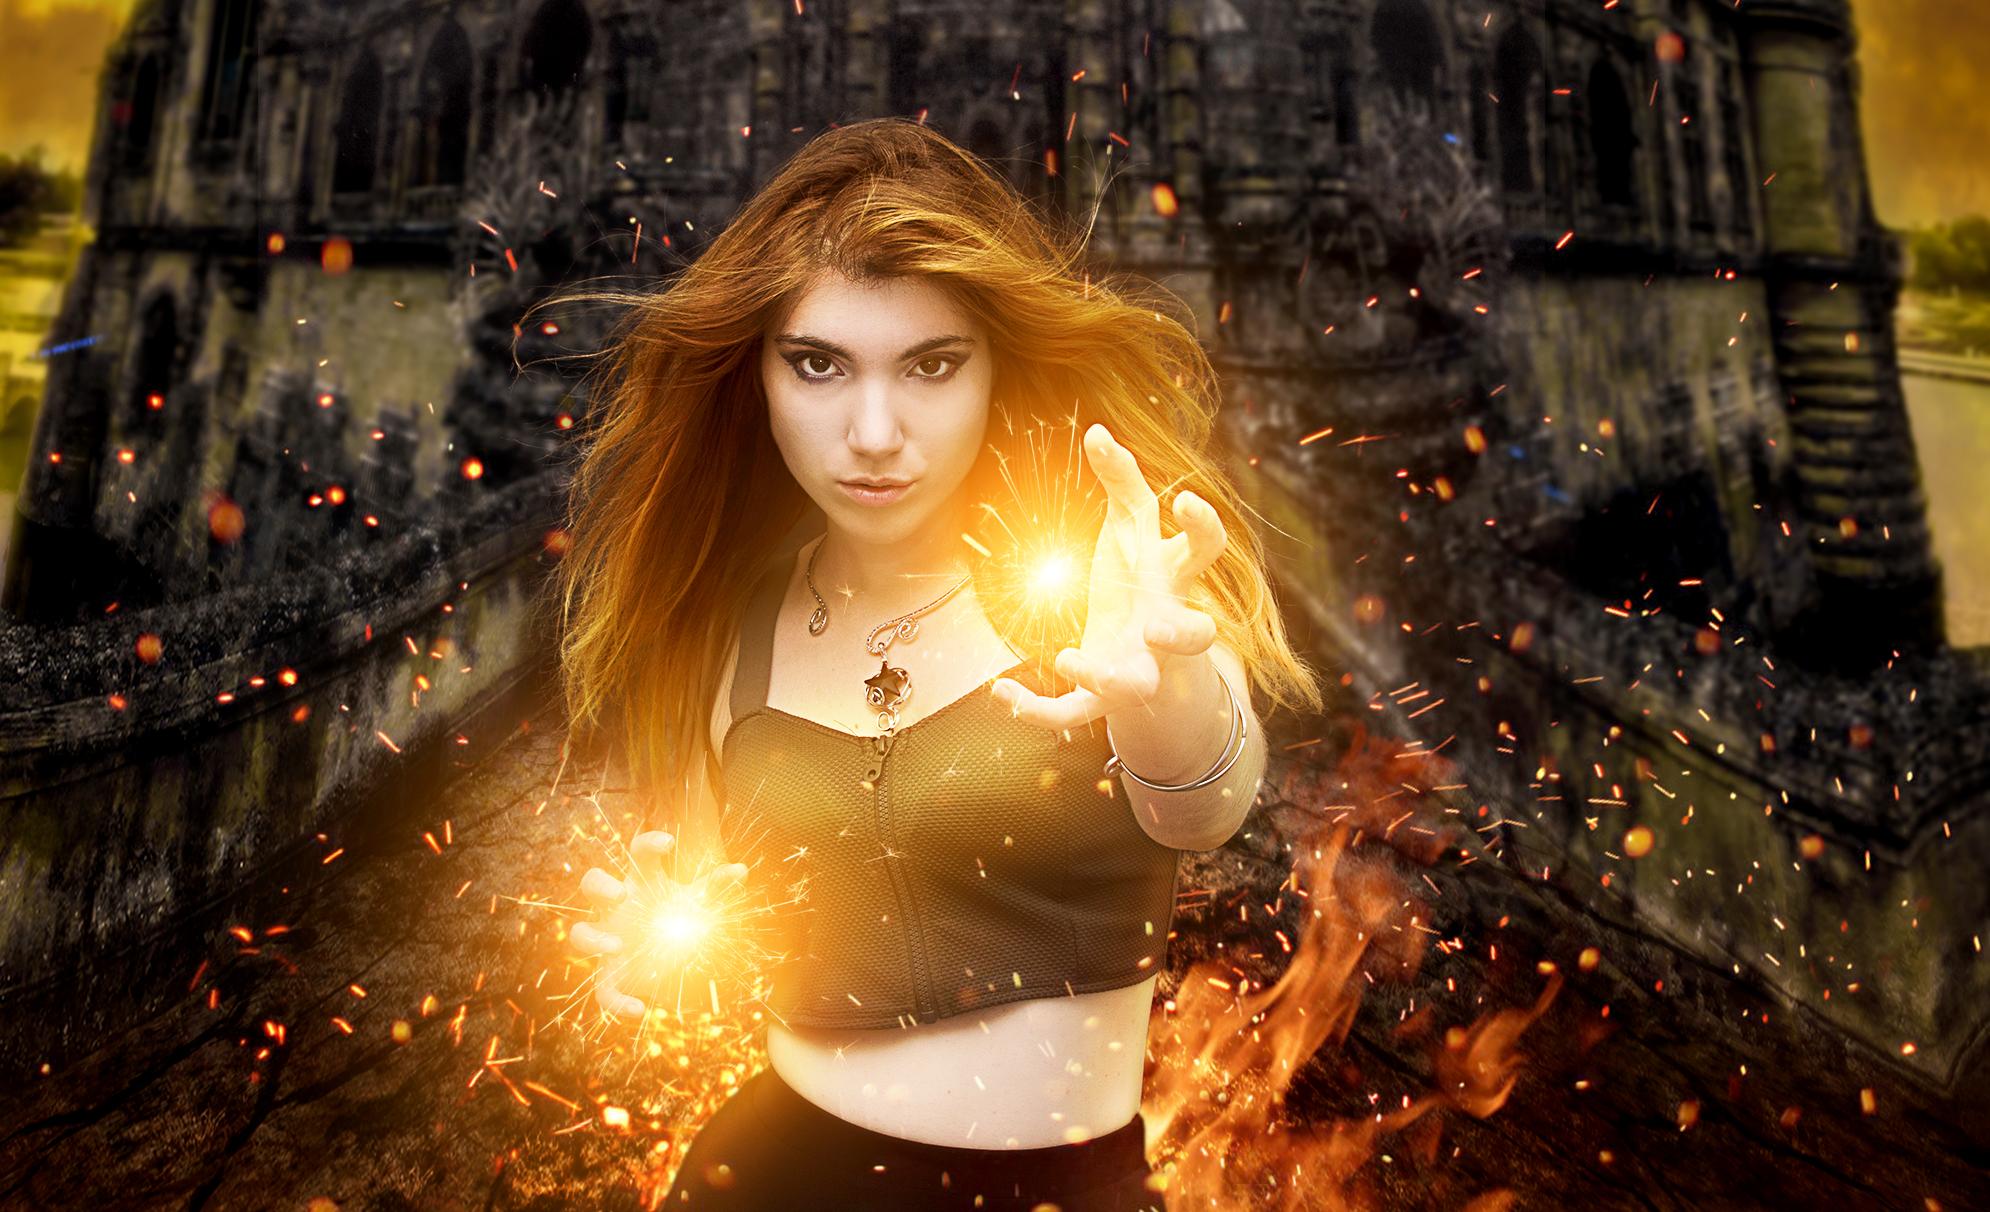 fotografo book cosplay grafica ritratto fantasy epic